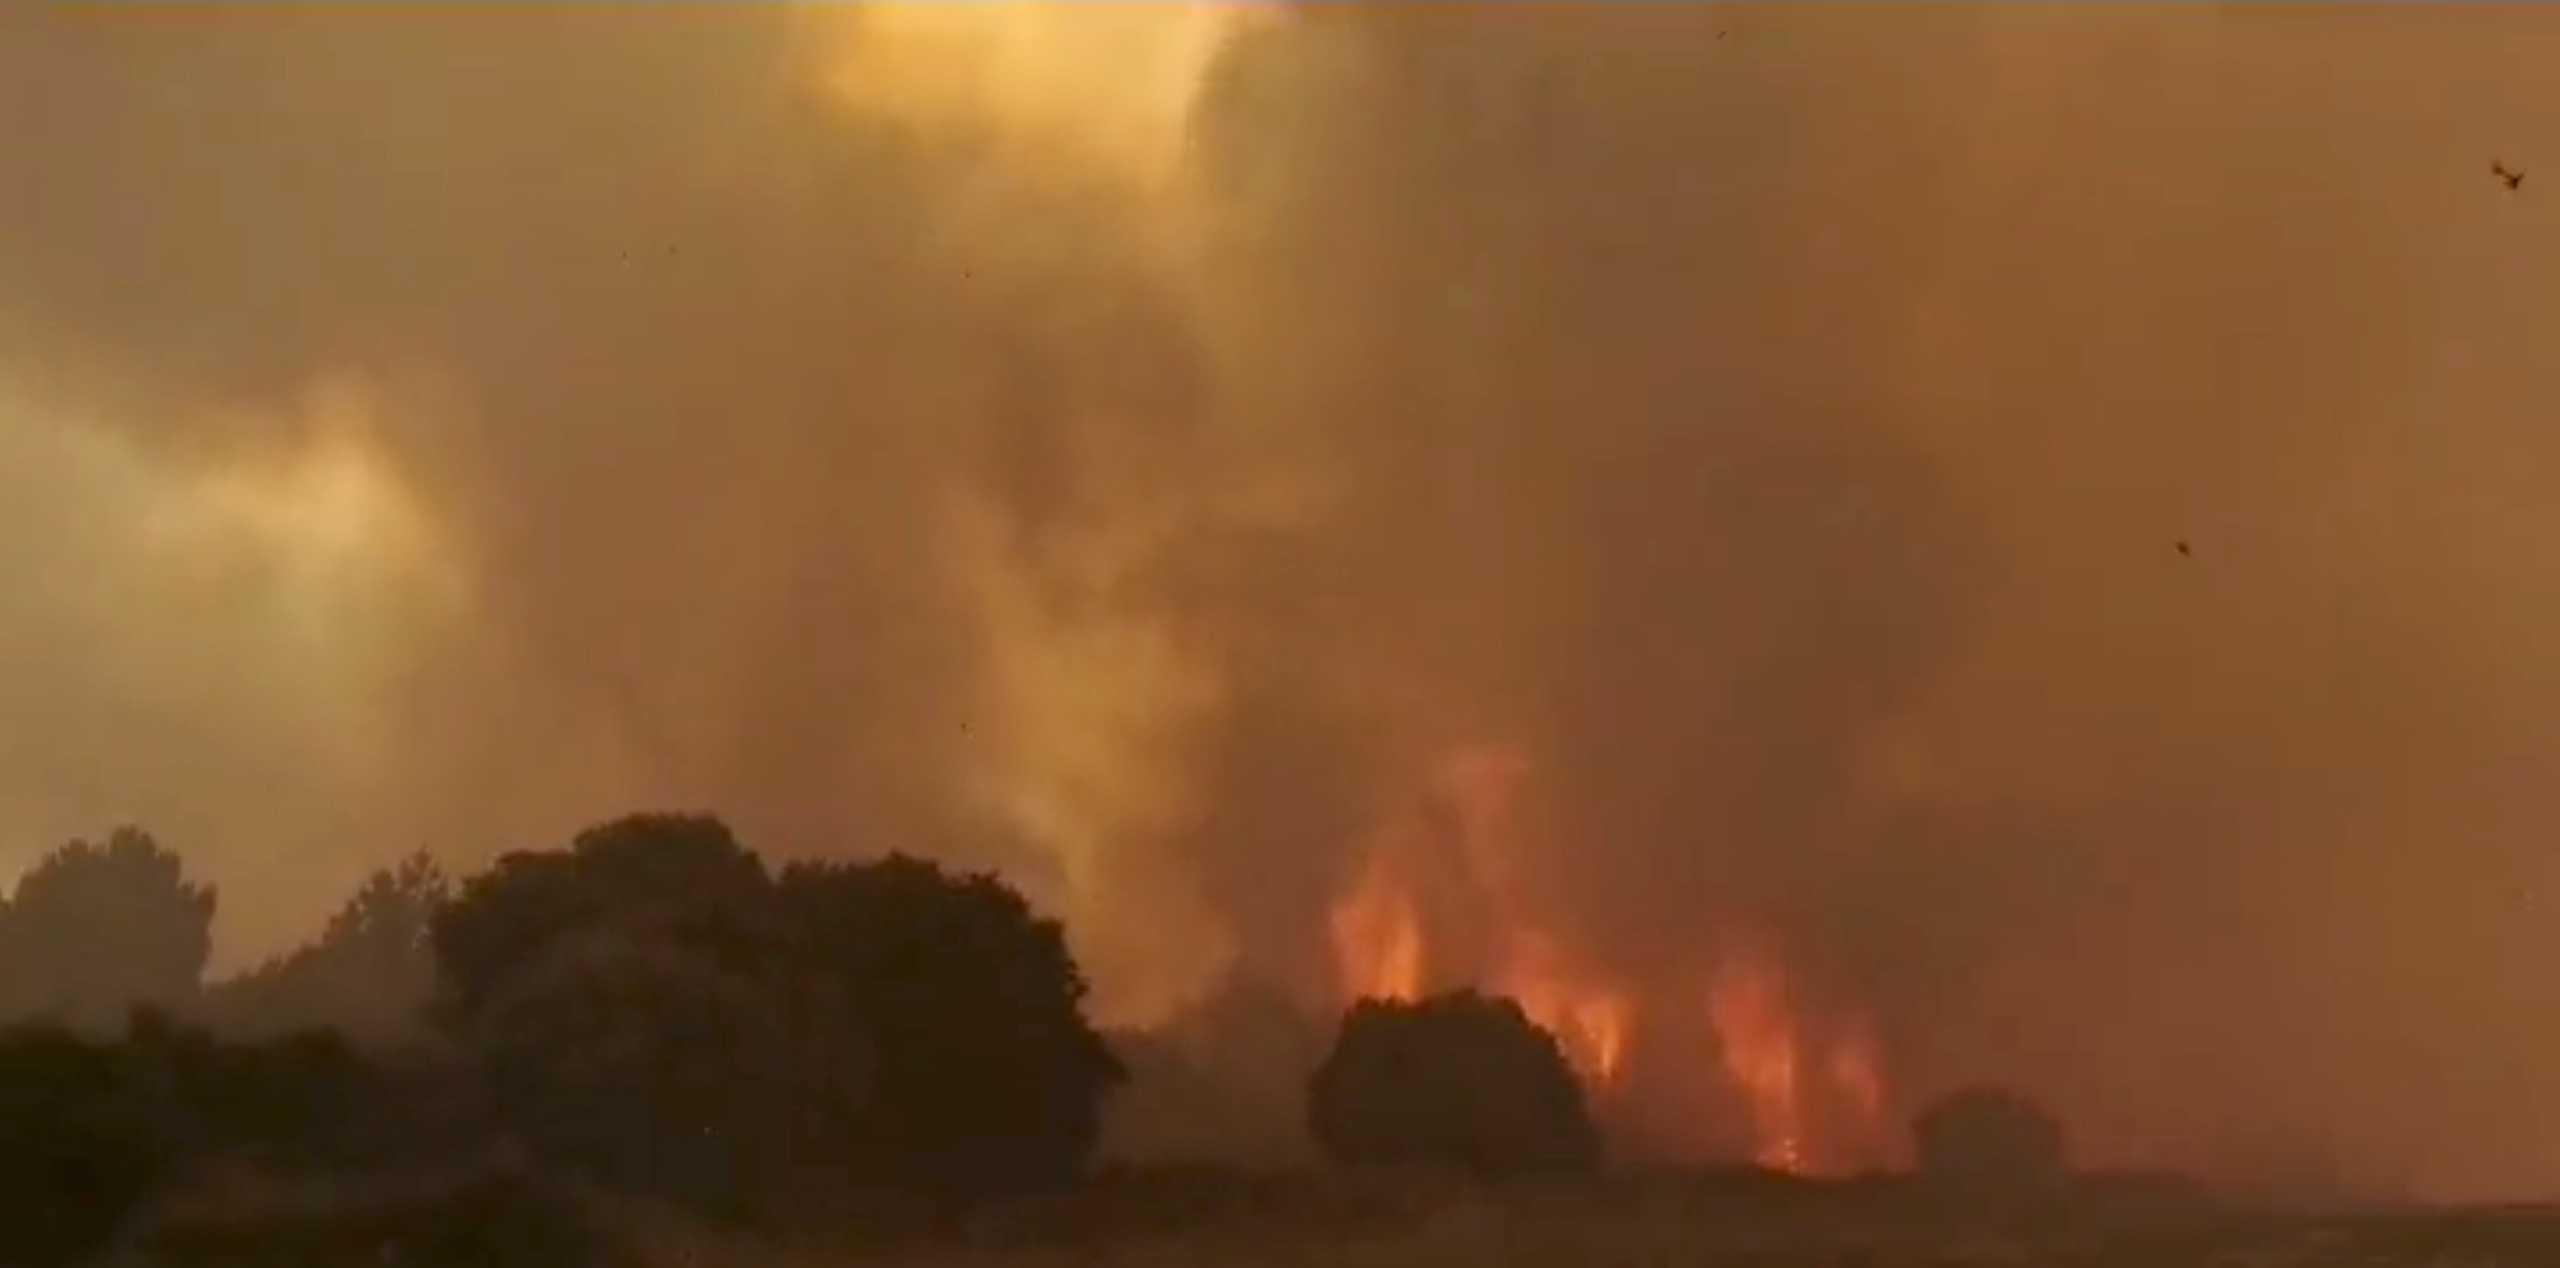 Φωτιές στην Ιταλία: 1.580.000 στρέμματα δασών έγιναν στάχτη